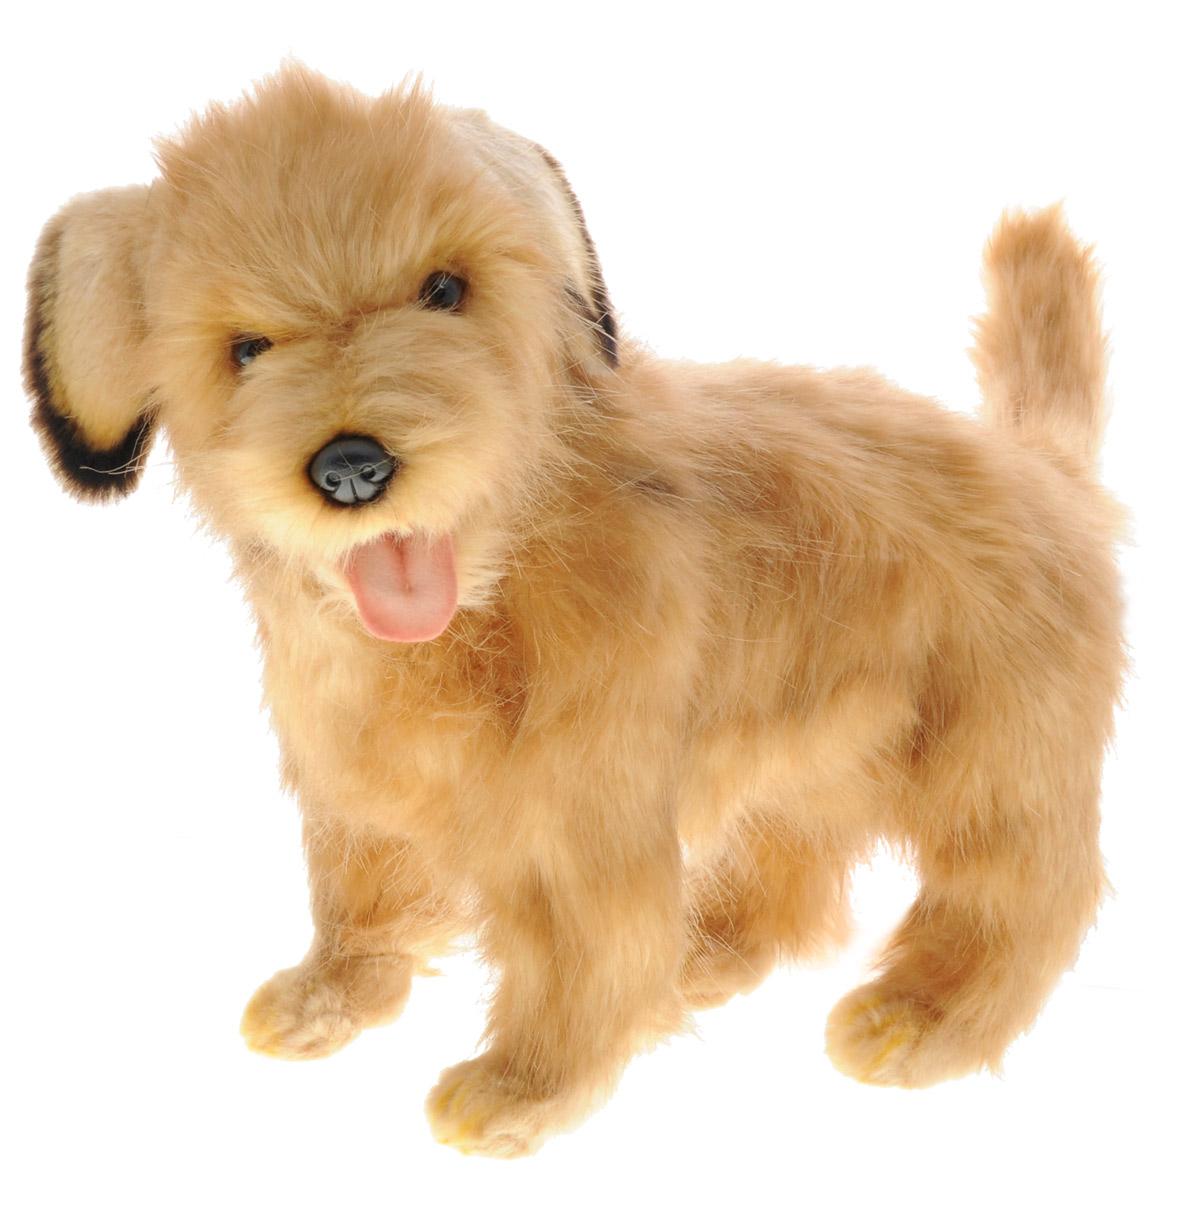 Hansa Toys Мягкая игрушка Собака Голландский смоусхонд 35 см4217Мягкая игрушка Hansa Toys Собака Голландский смоусхонд выполнена в виде охотничьей собаки породы Голландский смоусхонд. Эти собаки - очаровательные и веселые компаньоны, но, одновременно, надежные и бесстрашные сторожа и защитники. Игрушка изготовлена из искусственного меха, текстиля. Глазки и носик изготовлены из пластика. С таким другом можно устроить любую увлекательную сюжетно-ролевую игру. Удивительно мягкая игрушка принесет радость и подарит своему обладателю мгновения нежных объятий и приятных воспоминаний.